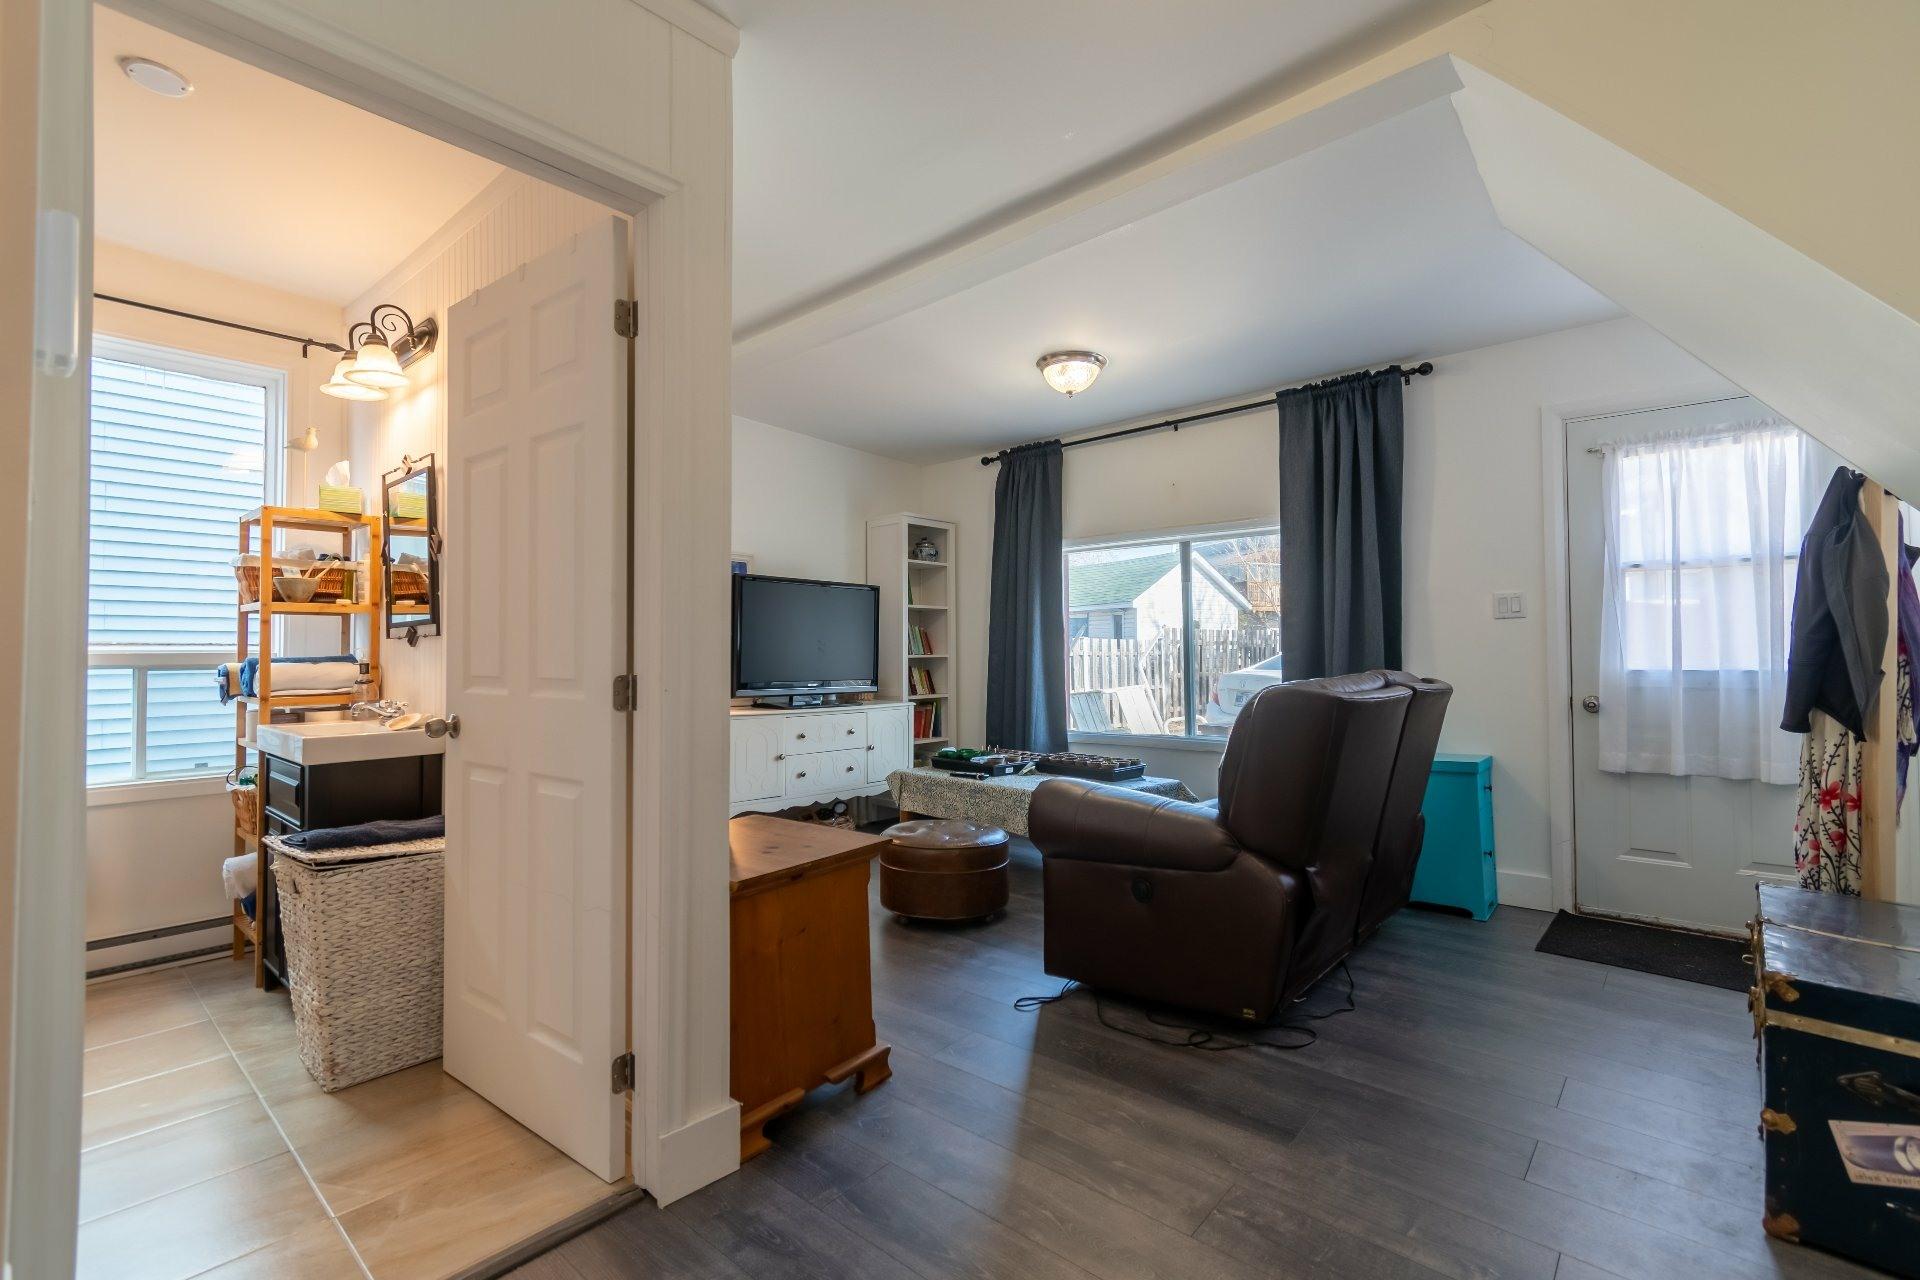 image 8 - Duplex For sale Trois-Rivières - 4 rooms